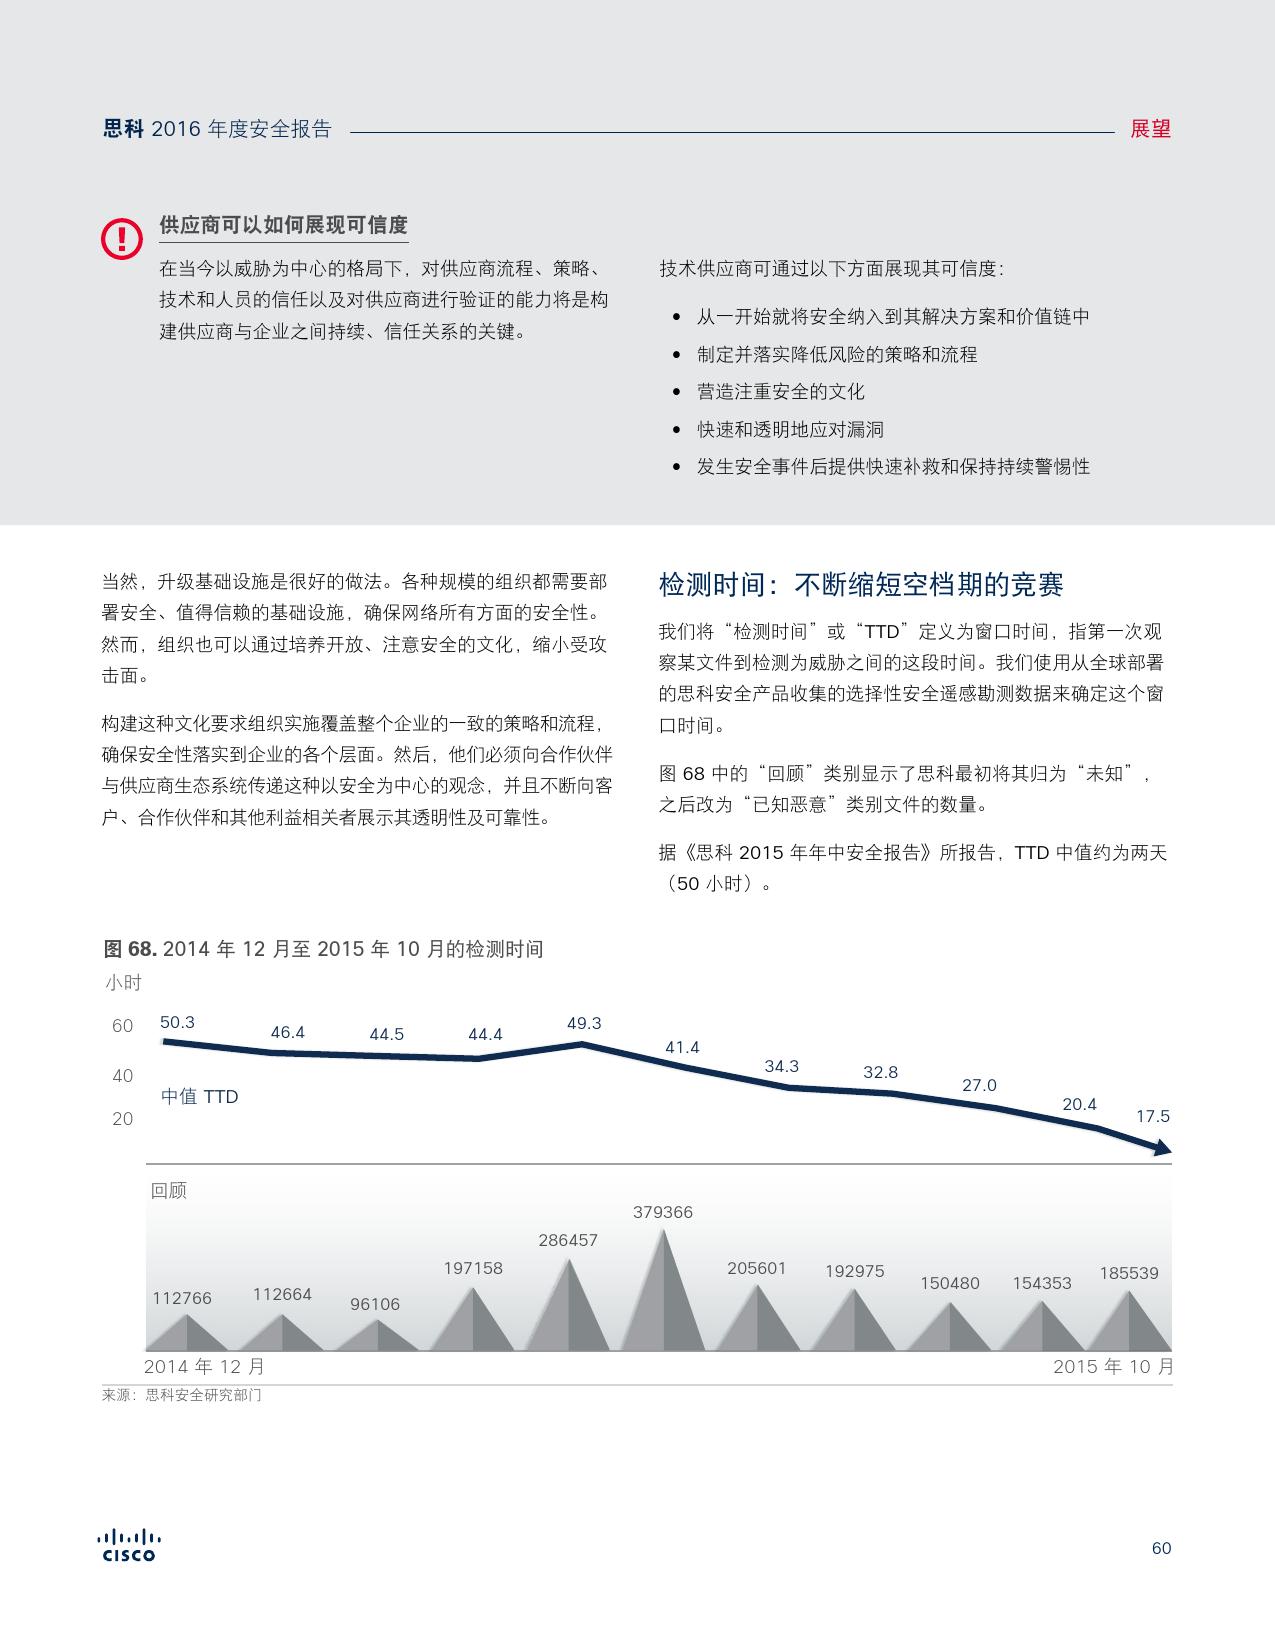 2016年中网络安全报告_000060